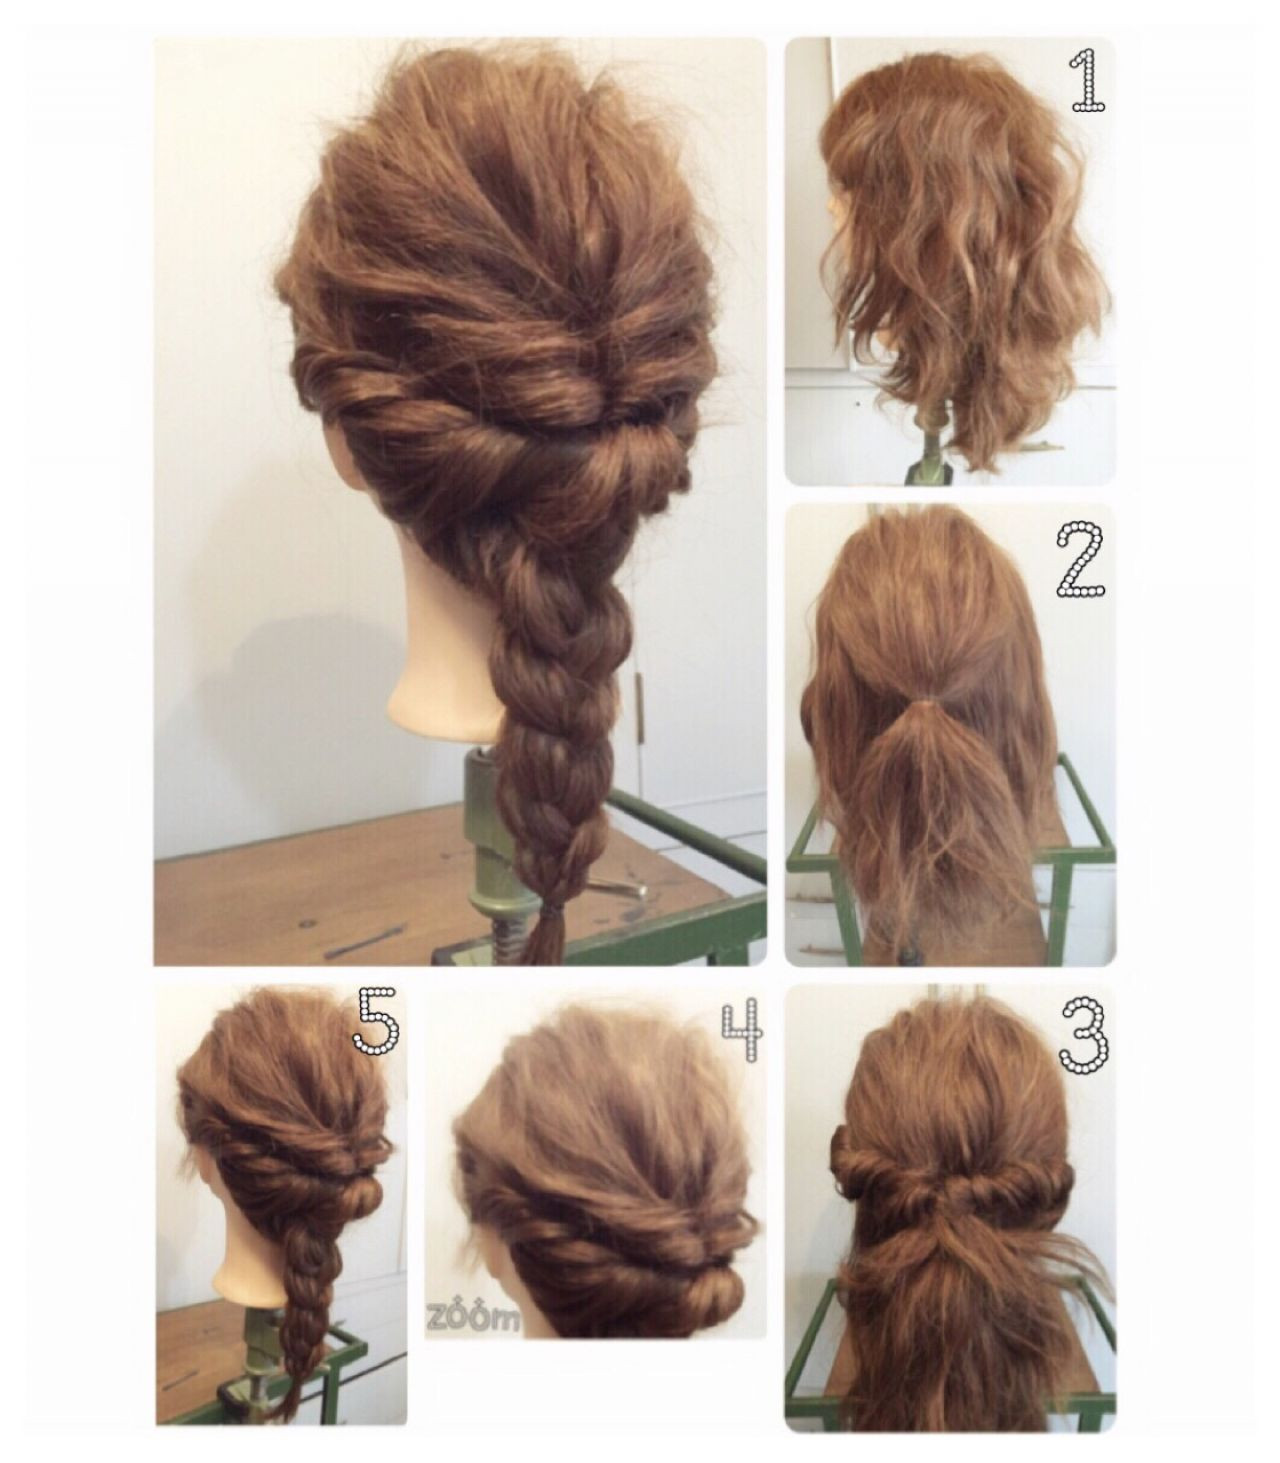 簡単に髪をまとめる方法とアレンジご紹介!ちゃちゃっとカワイクなっちゃう? YUKO KAWANO